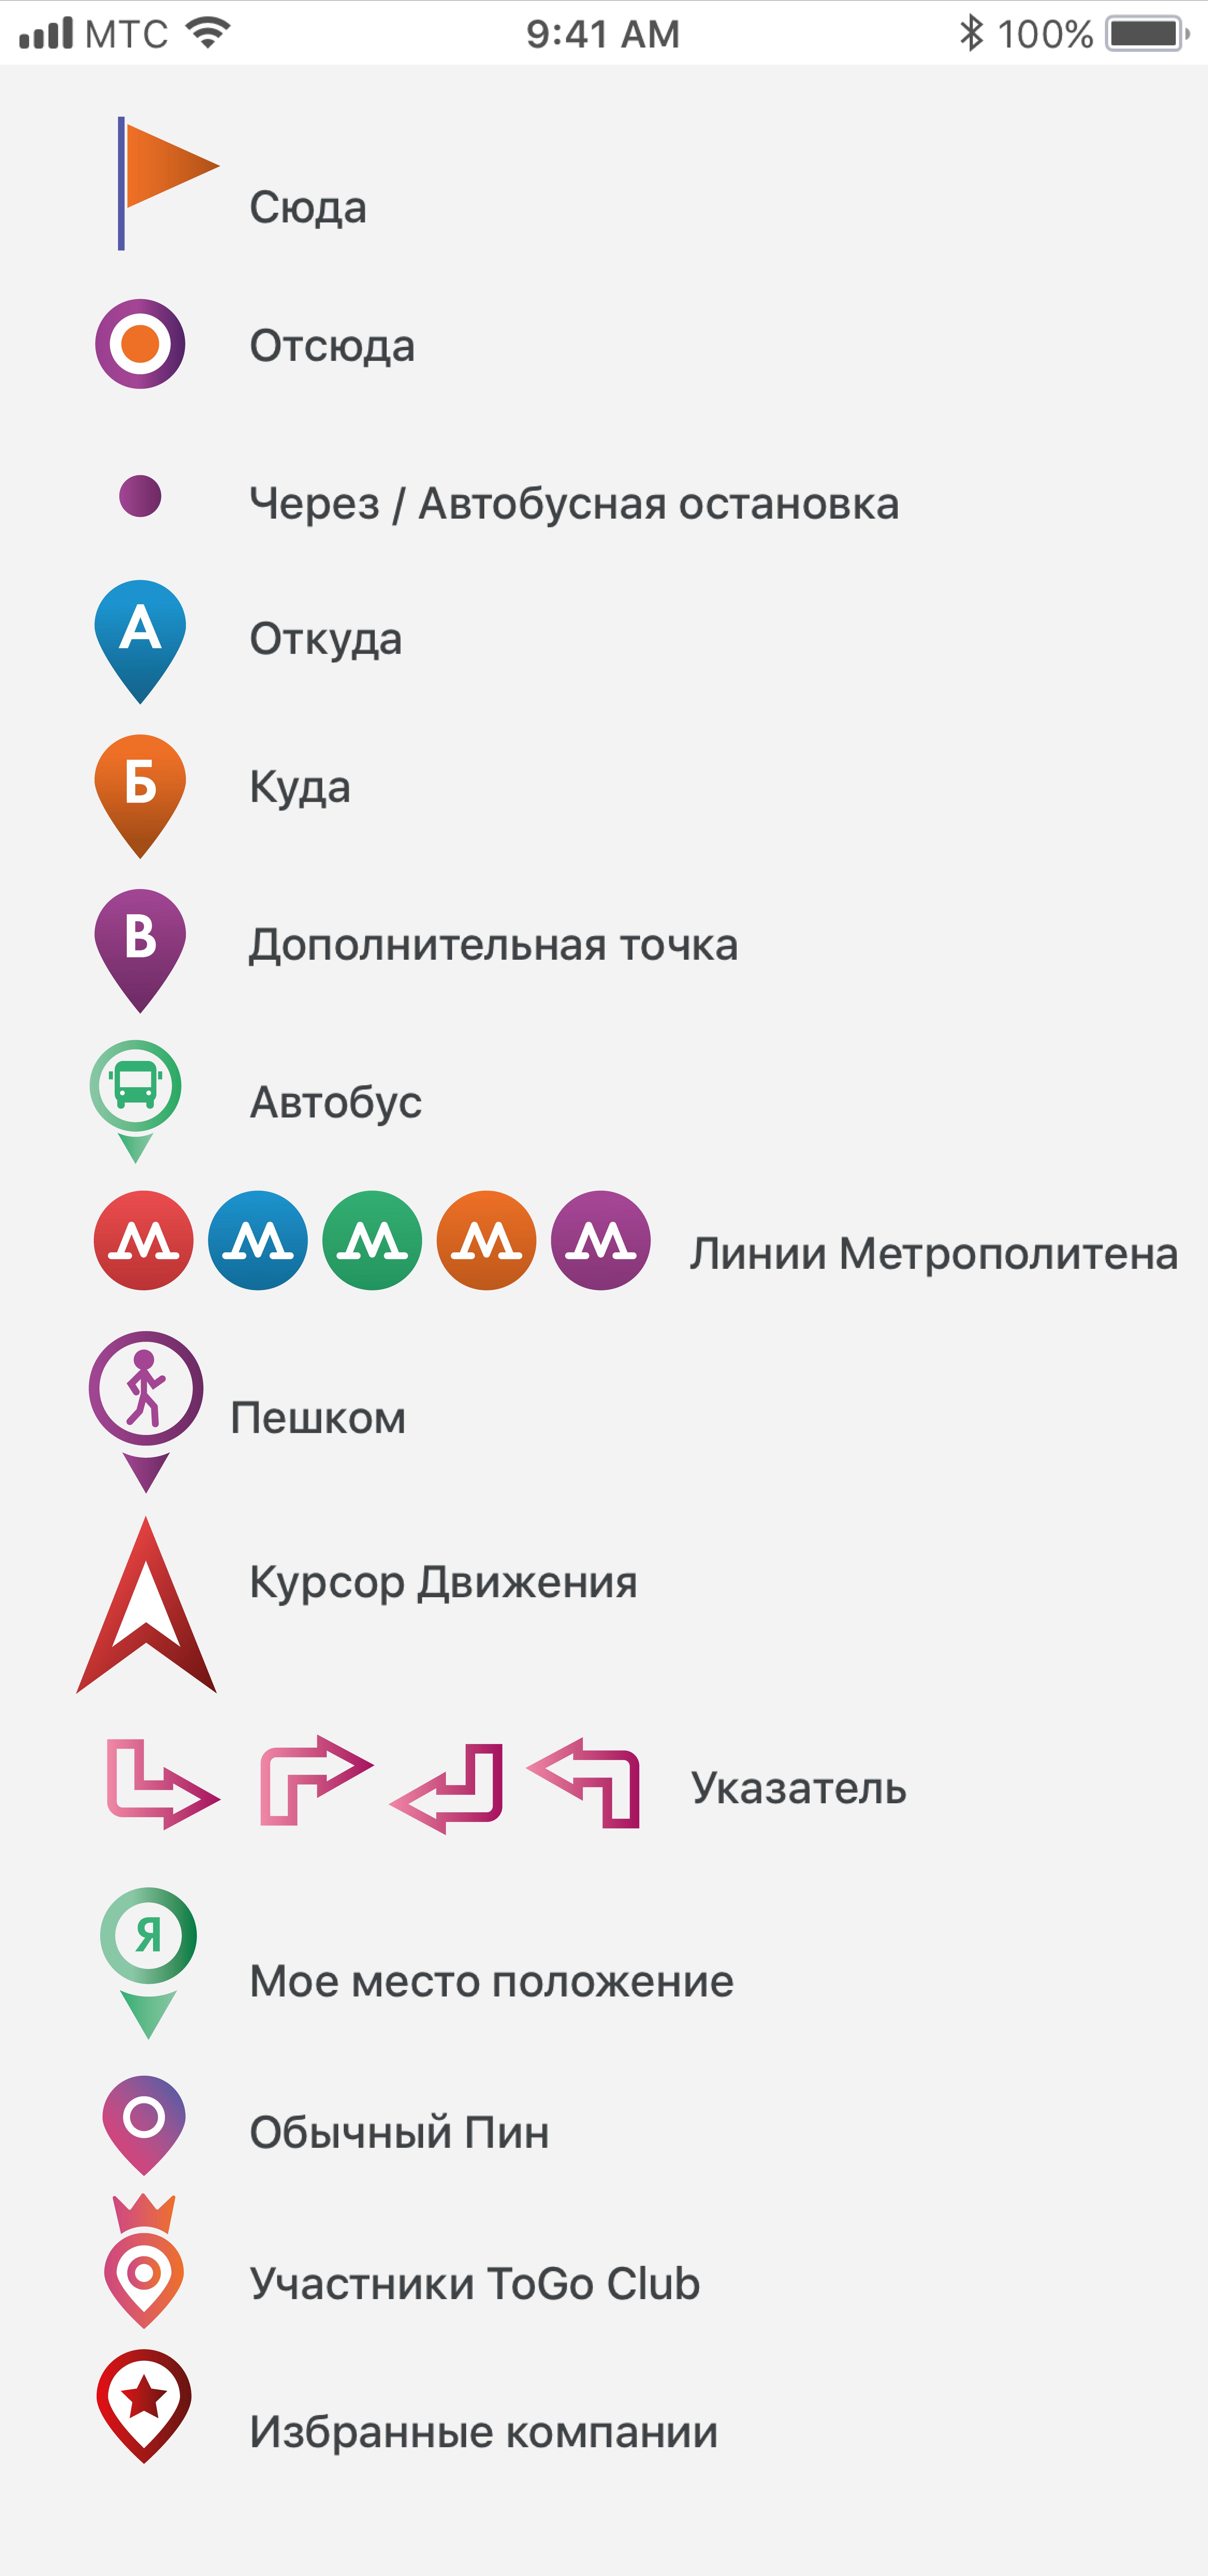 Иконки на карту. фото f_0905af496726f674.png